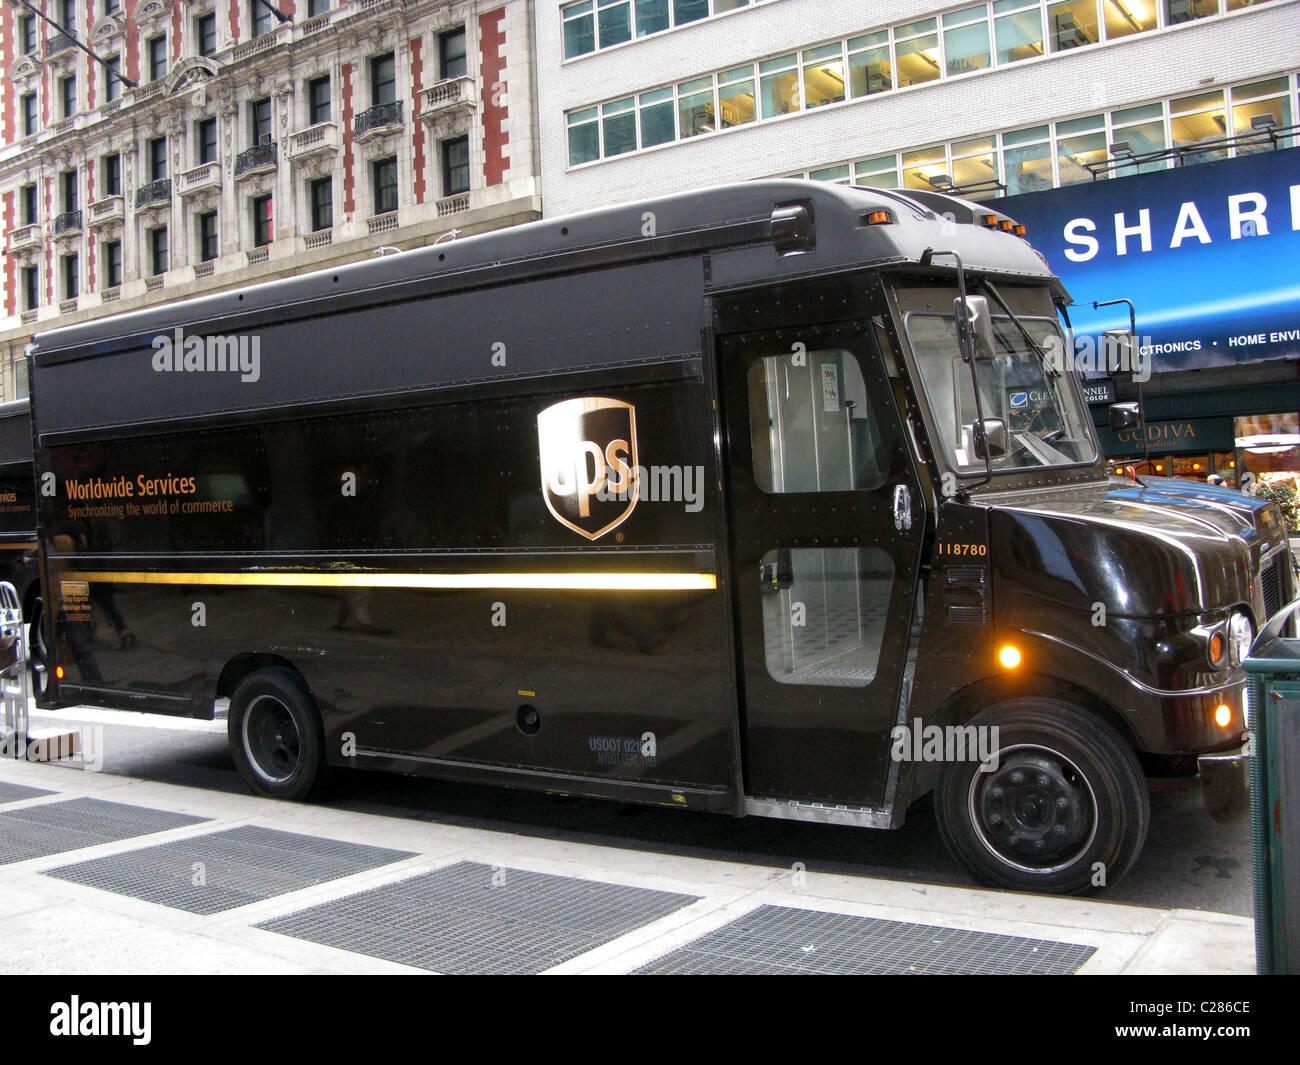 Consegna UPS carrello, New York, Stati Uniti d'America Immagini Stock